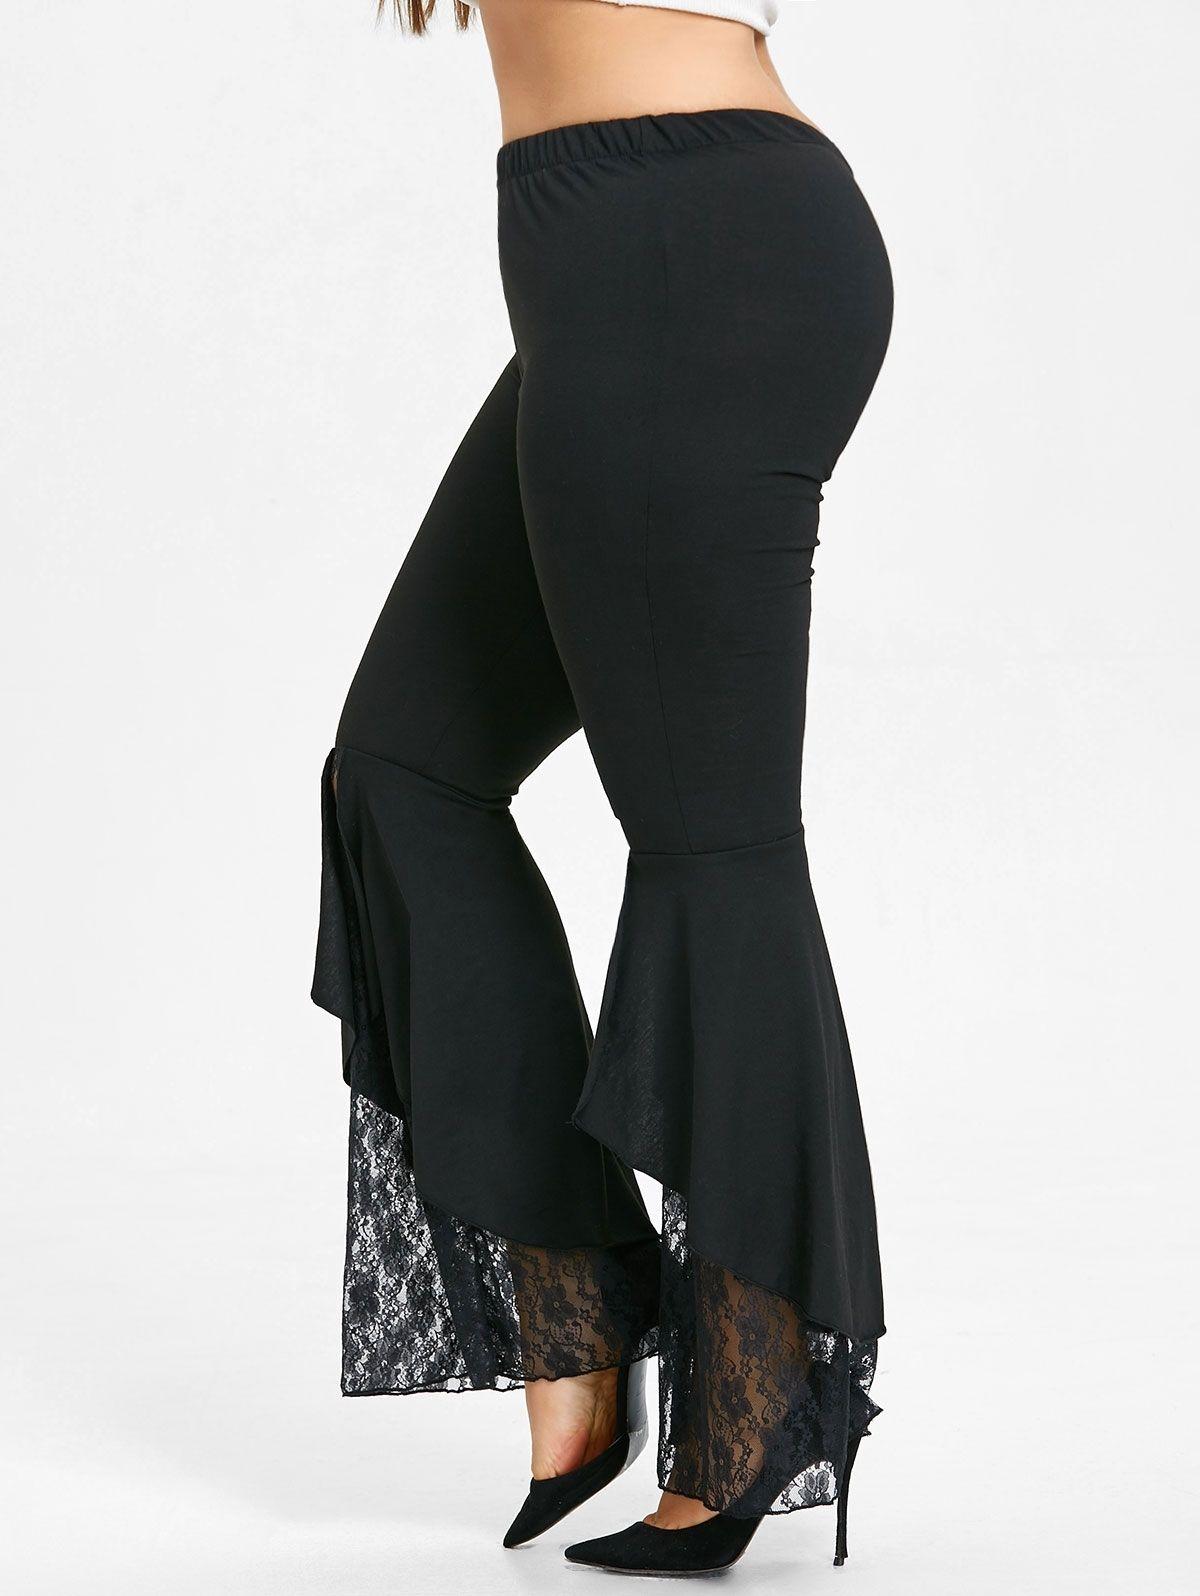 3824882bf4fbbc Nextmia Plus Size Lace Trim Flare Leggings - BLACK | Pants | kanbkam.com